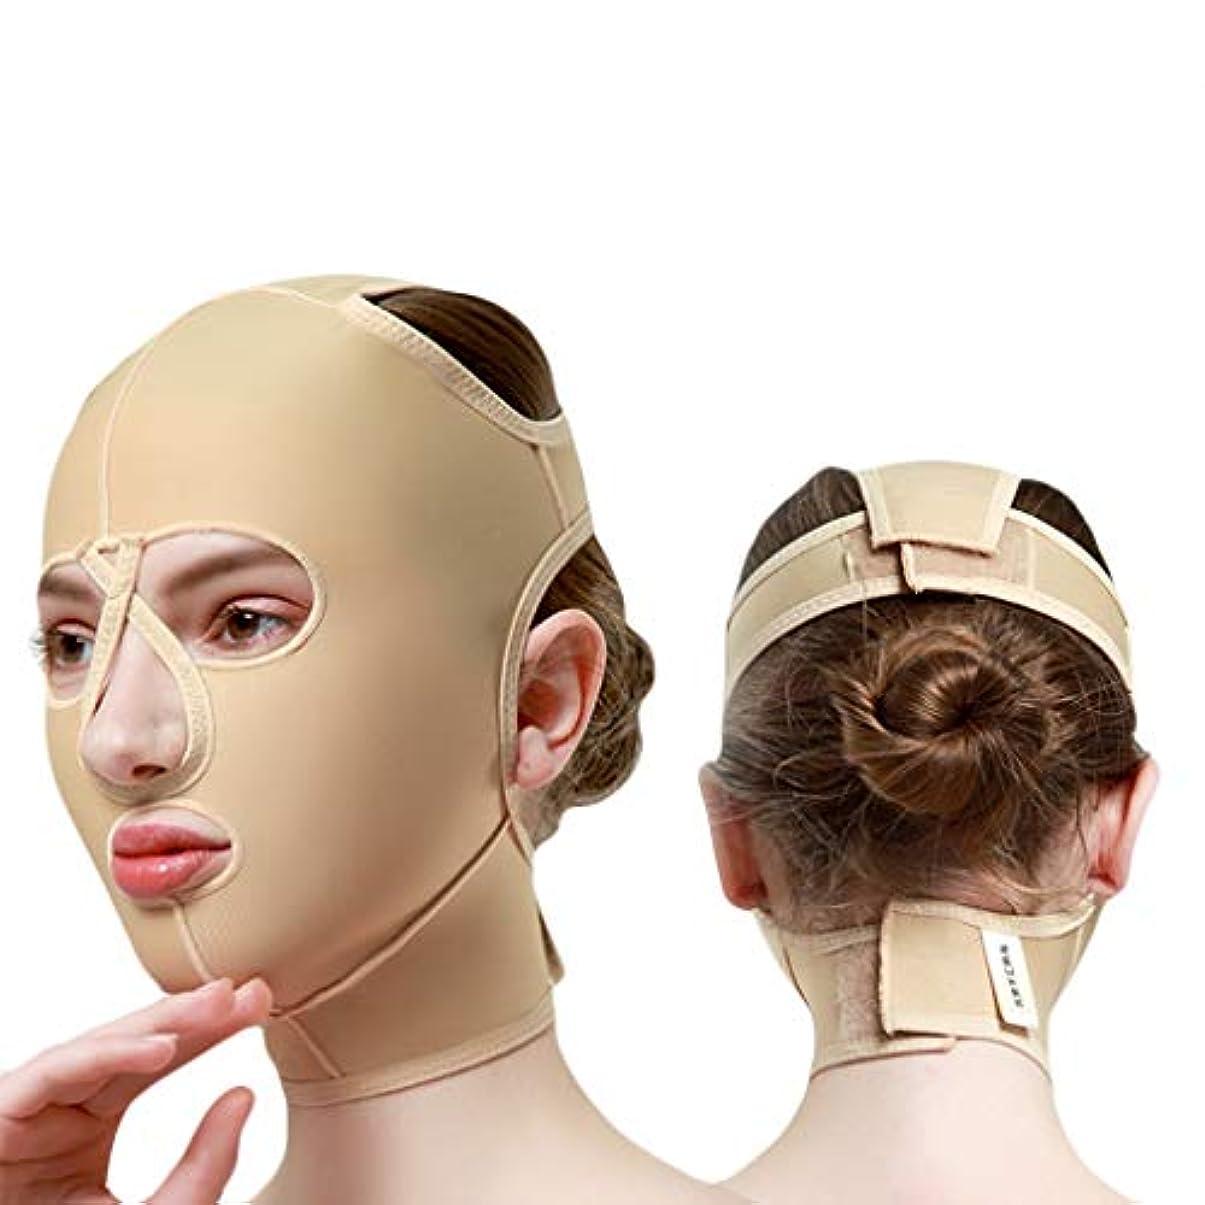 水っぽい損傷困惑XHLMRMJ あごのストラップ、顔の彫刻ツール、リフティングマスク、ダブルチンリデューサー、フェイスリフティングエラスティックマスク女性 (Size : XL)